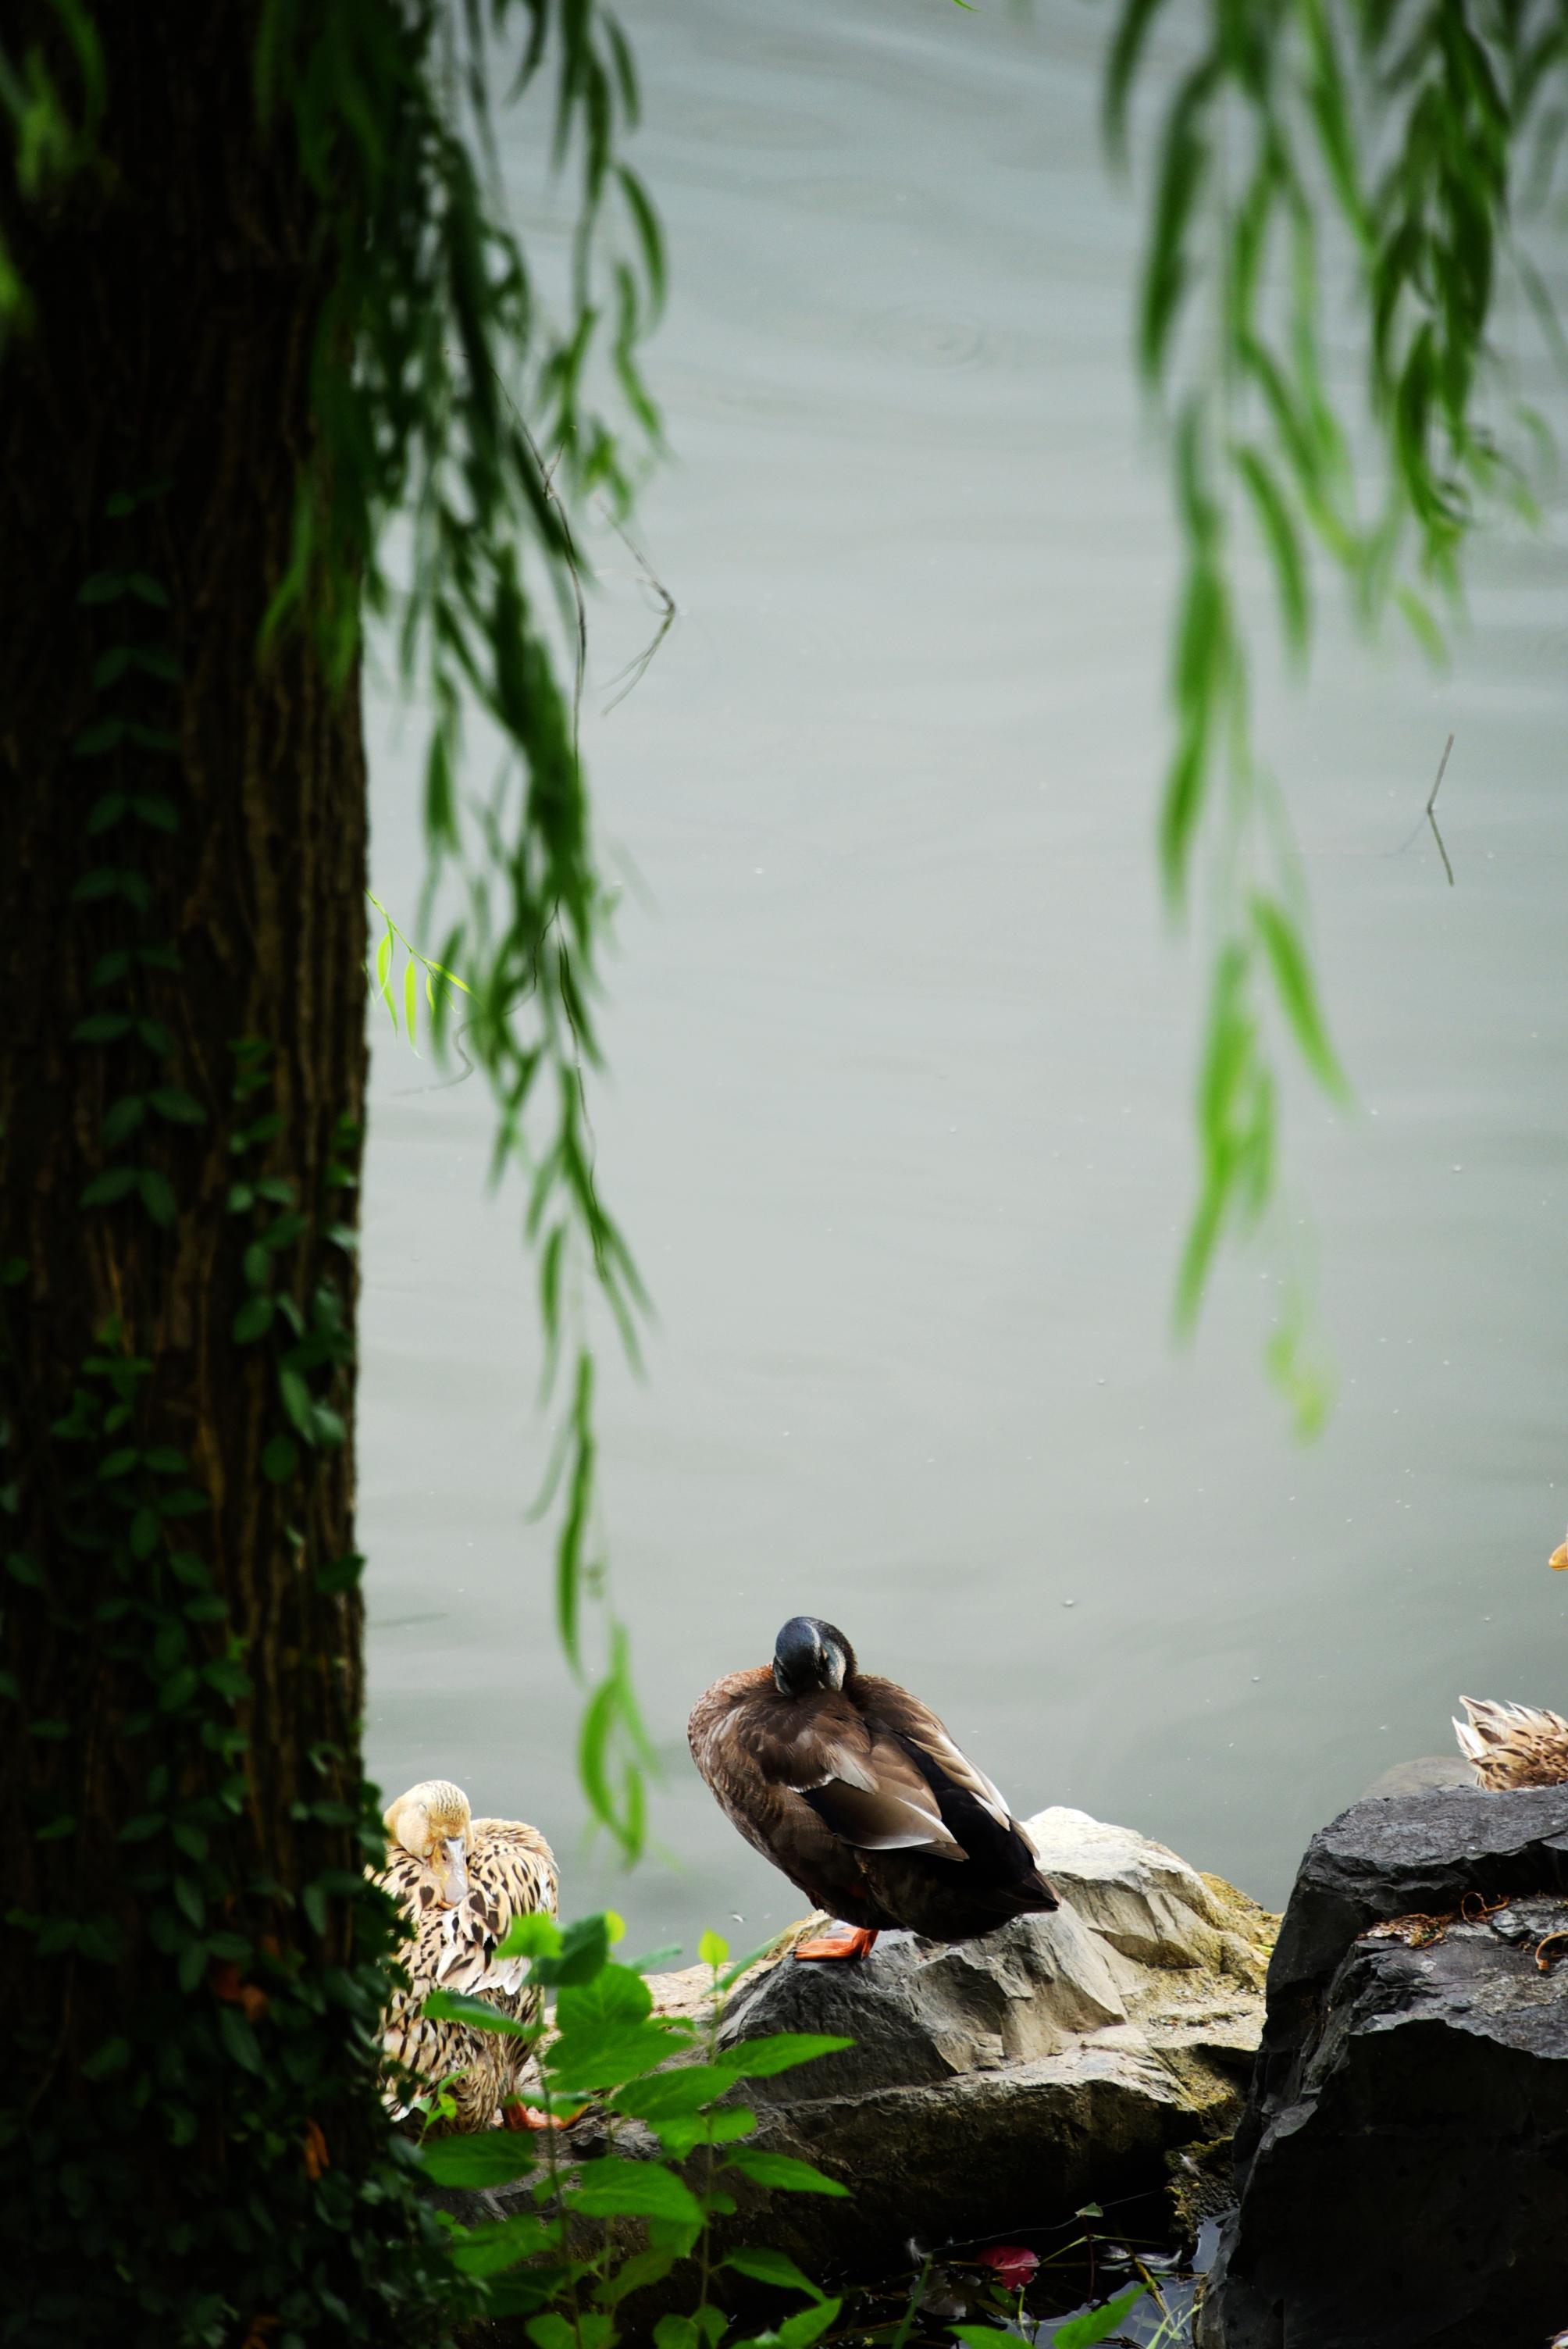 赴一场森林之约——兔子的上海崇明怡沁园之旅